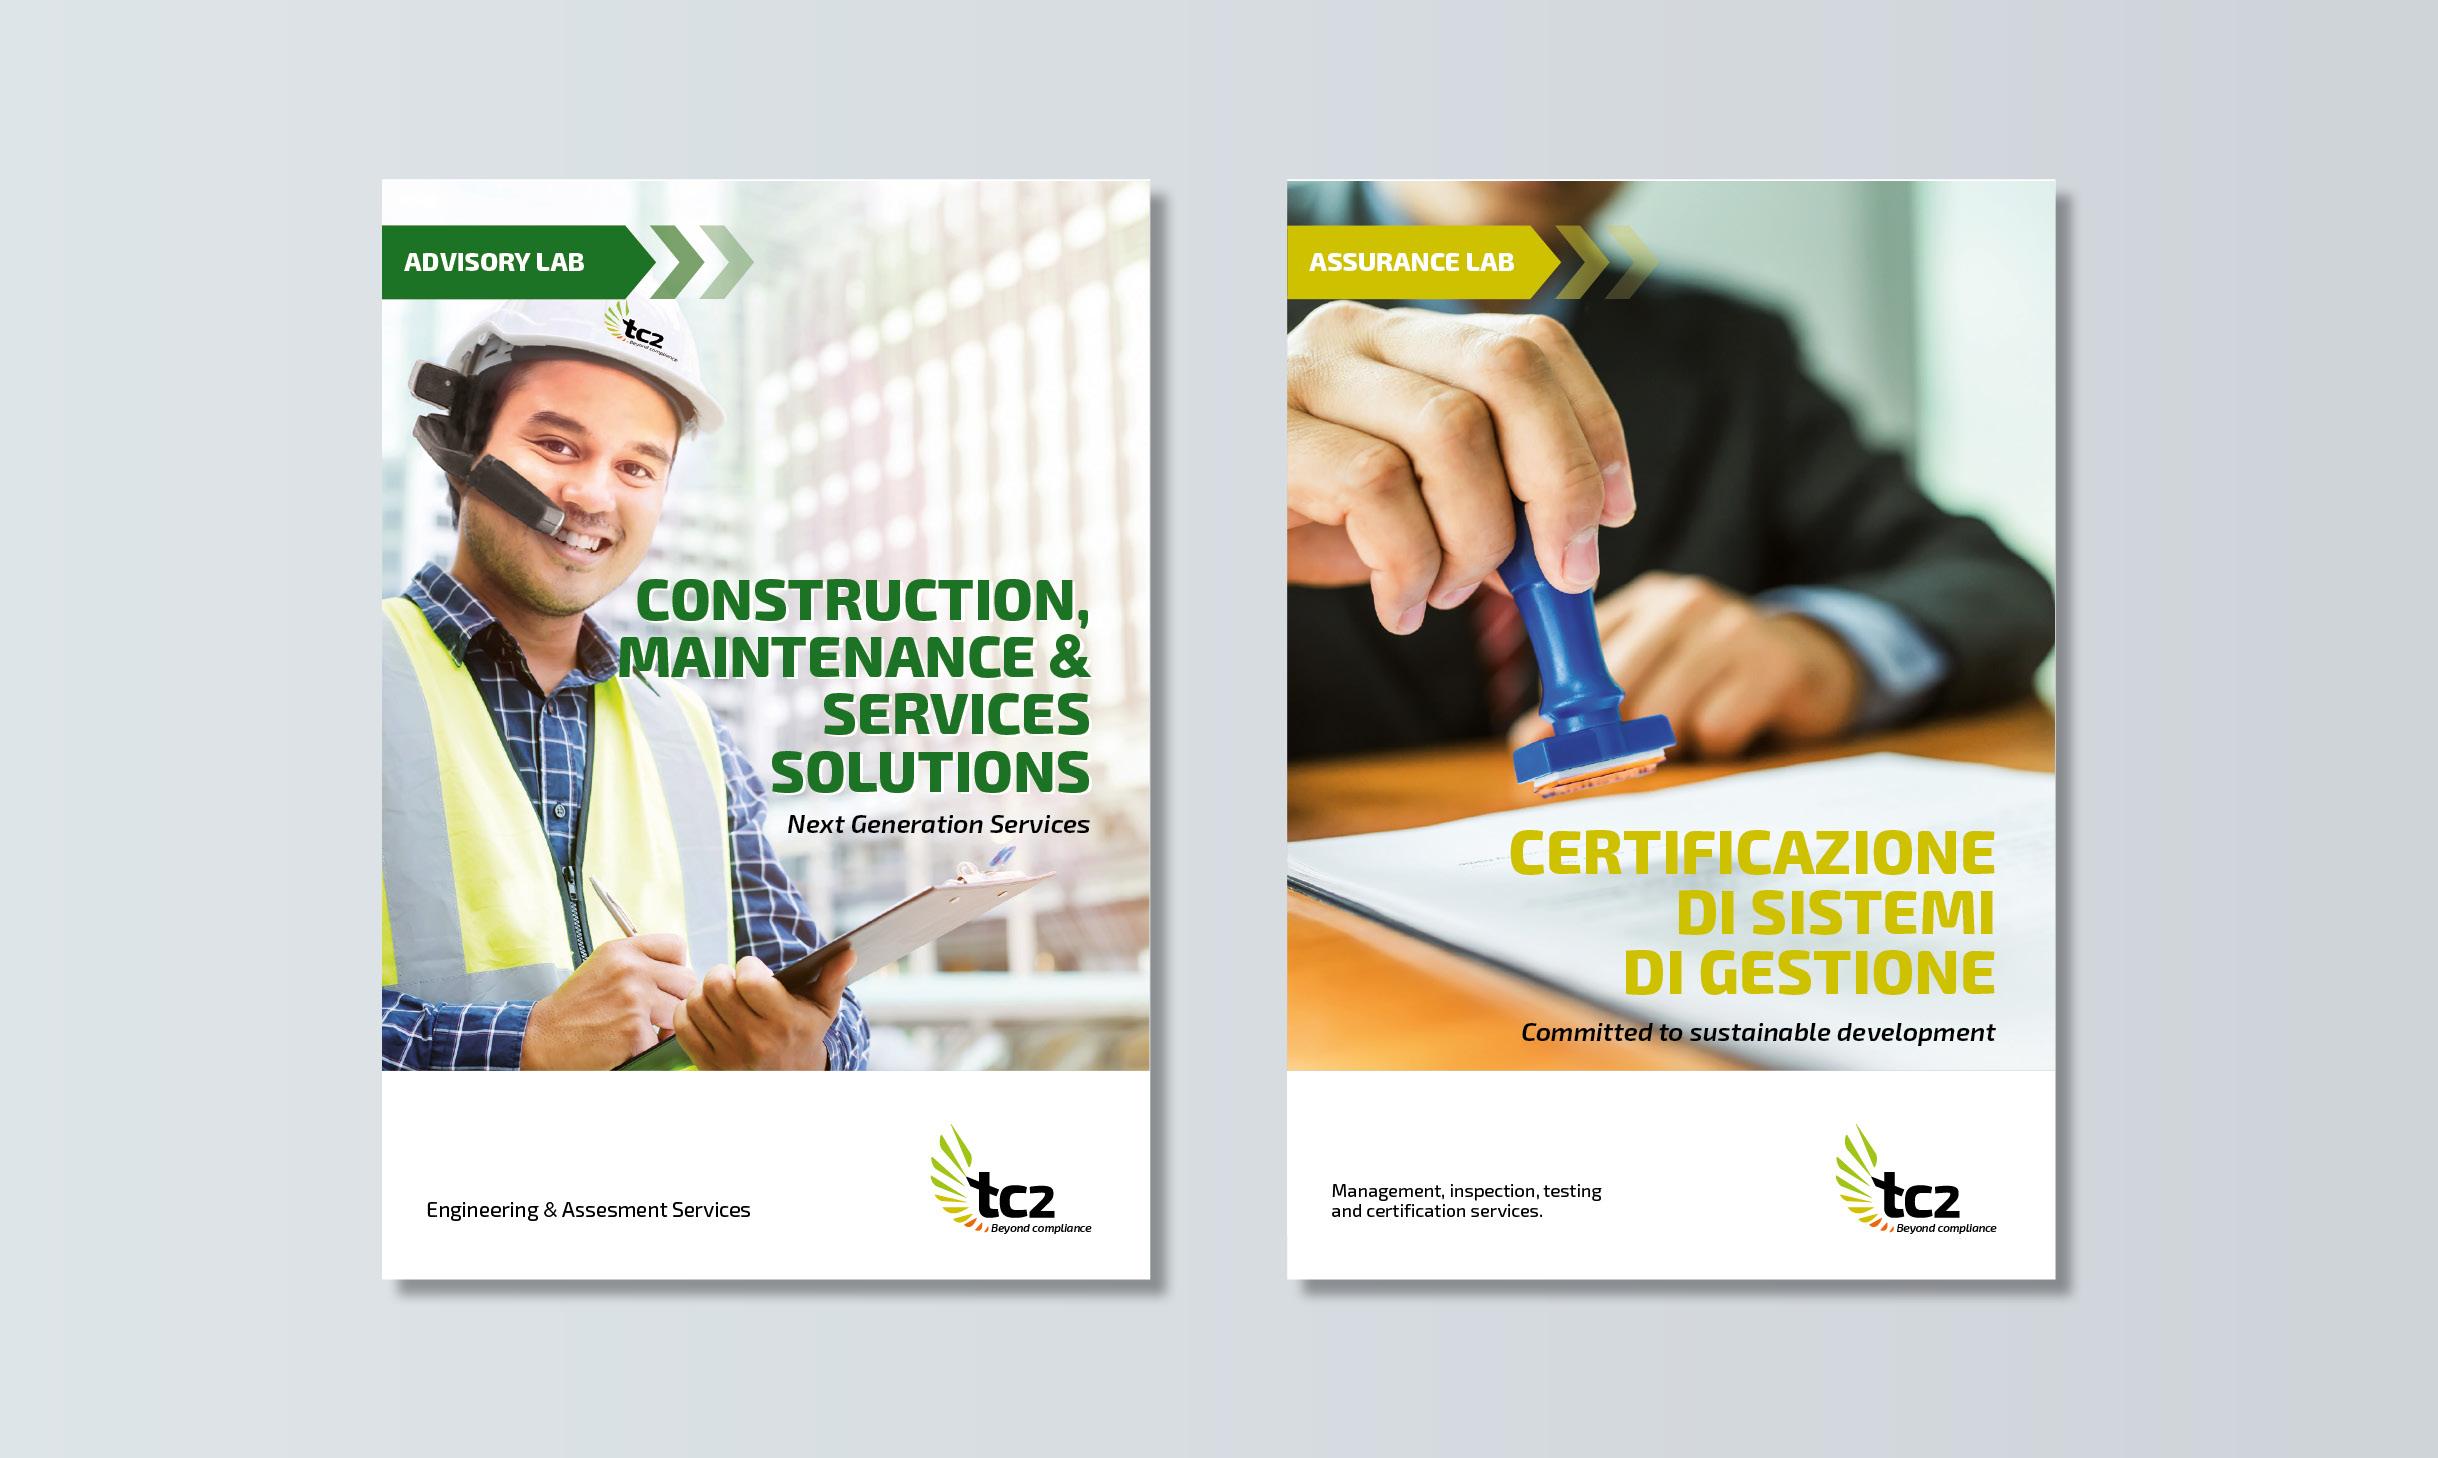 TC2 Service / Immagine istituzionale